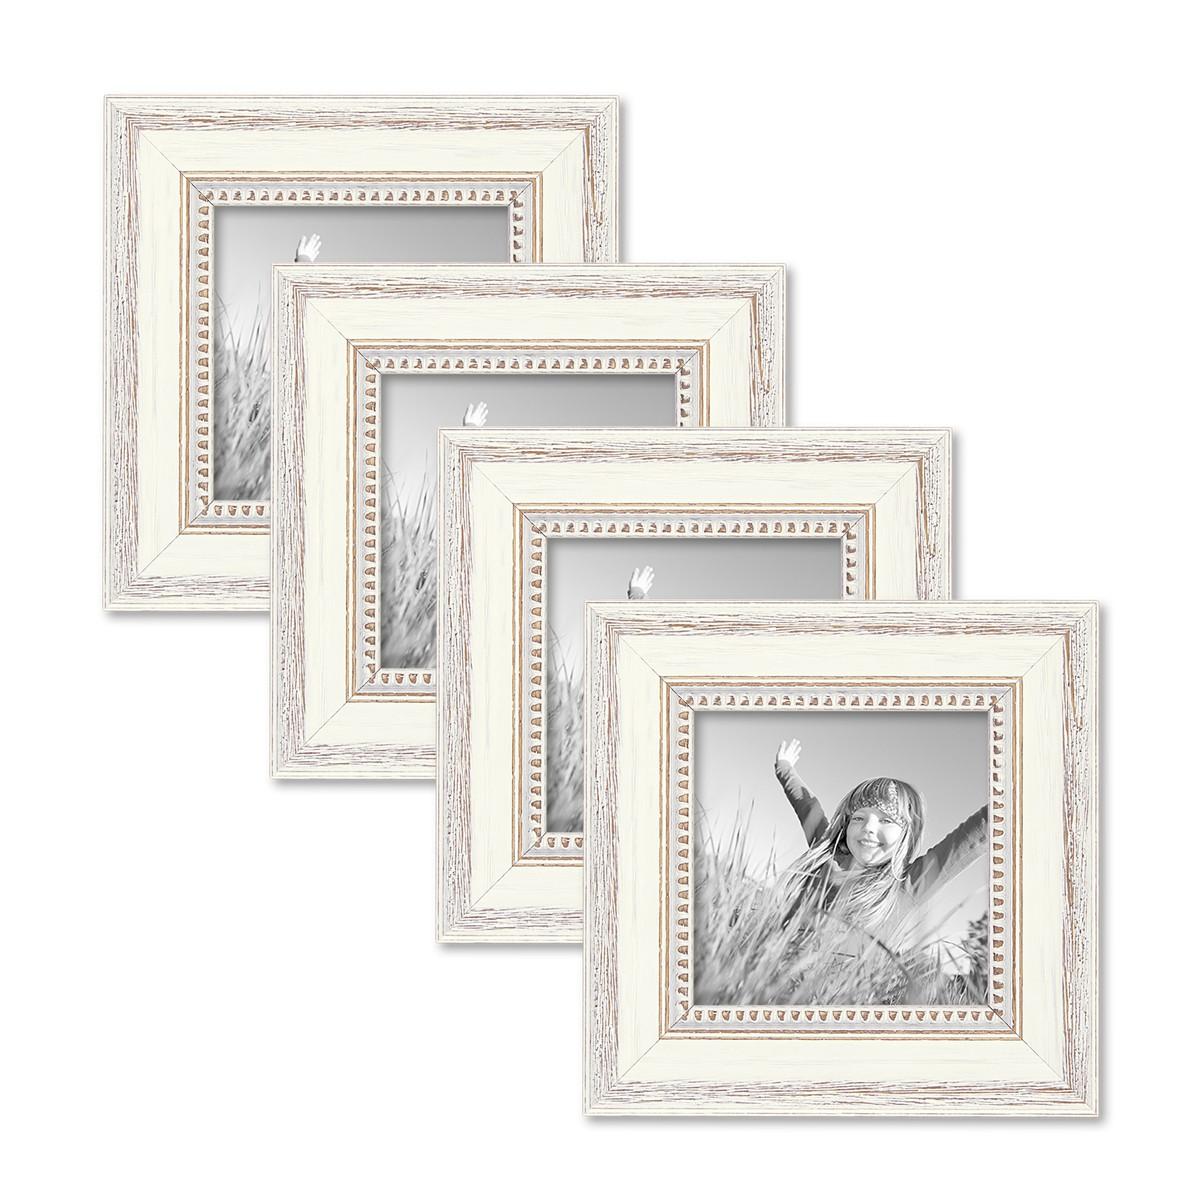 Ziemlich Weiß 11x14 Rahmen Fotos - Benutzerdefinierte Bilderrahmen ...